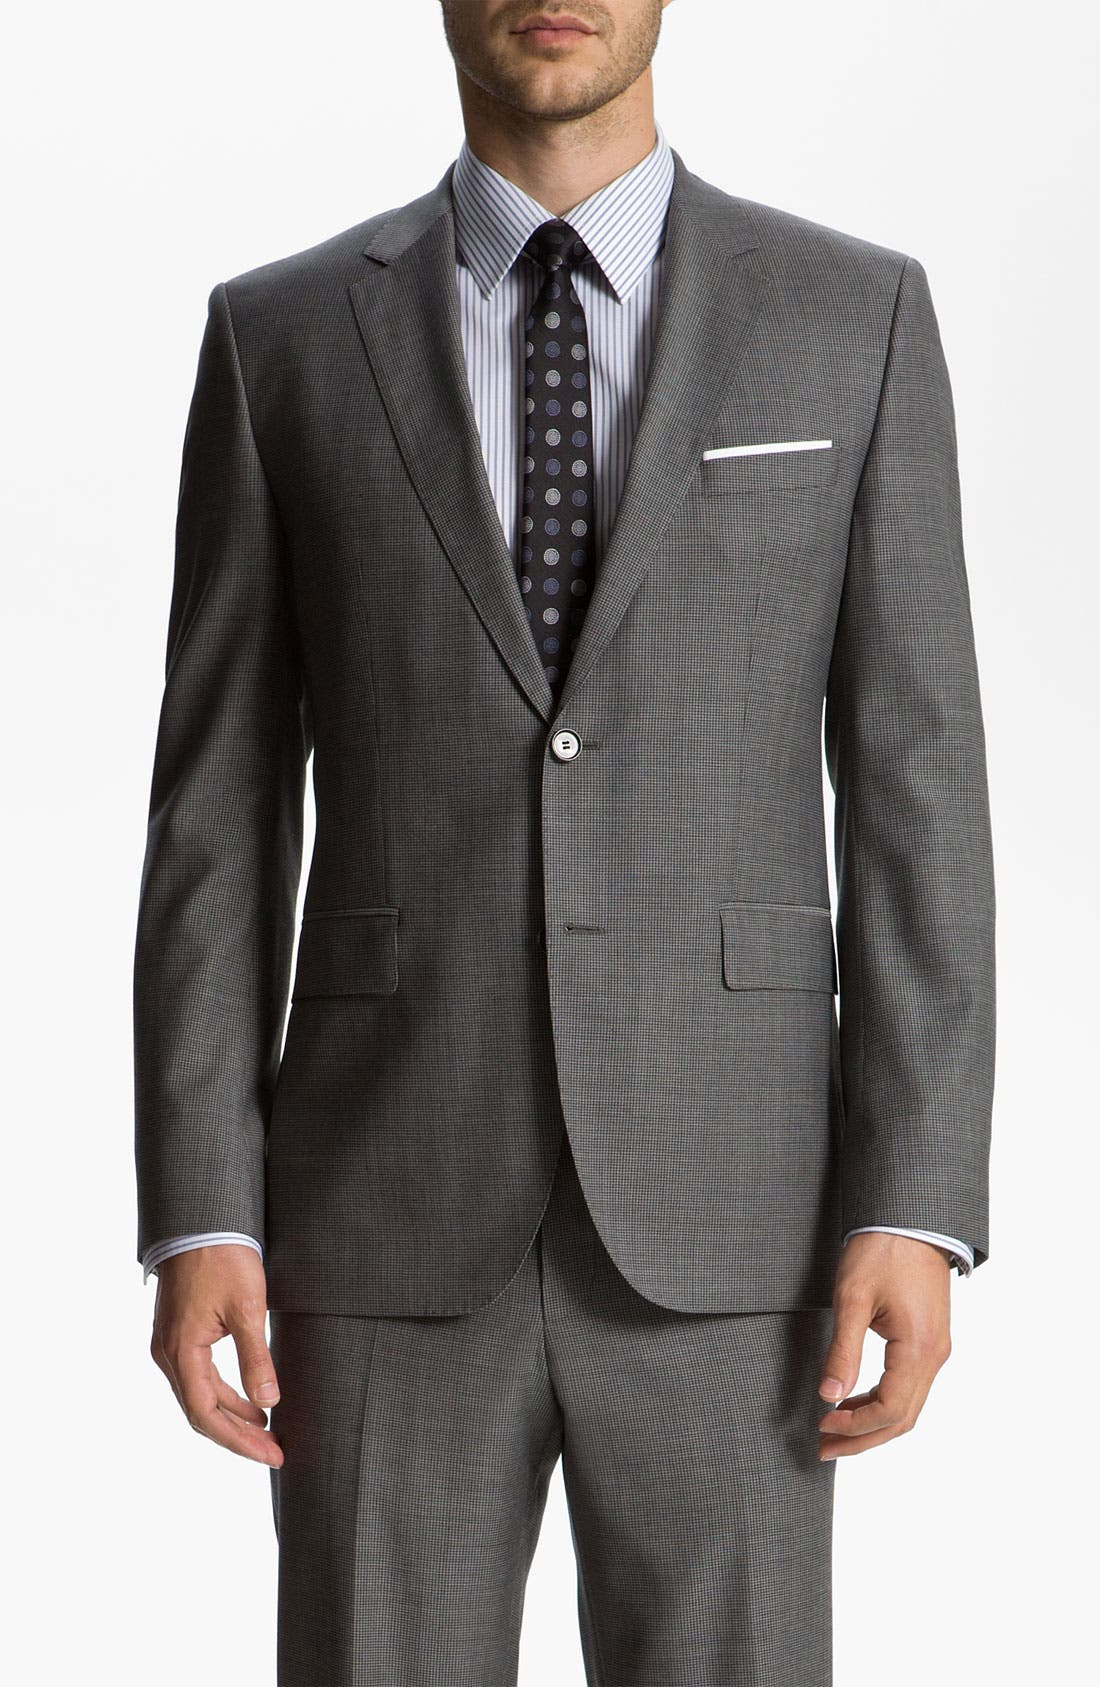 Main Image - BOSS Black 'James/Sharp' Trim Fit Neat Check Suit